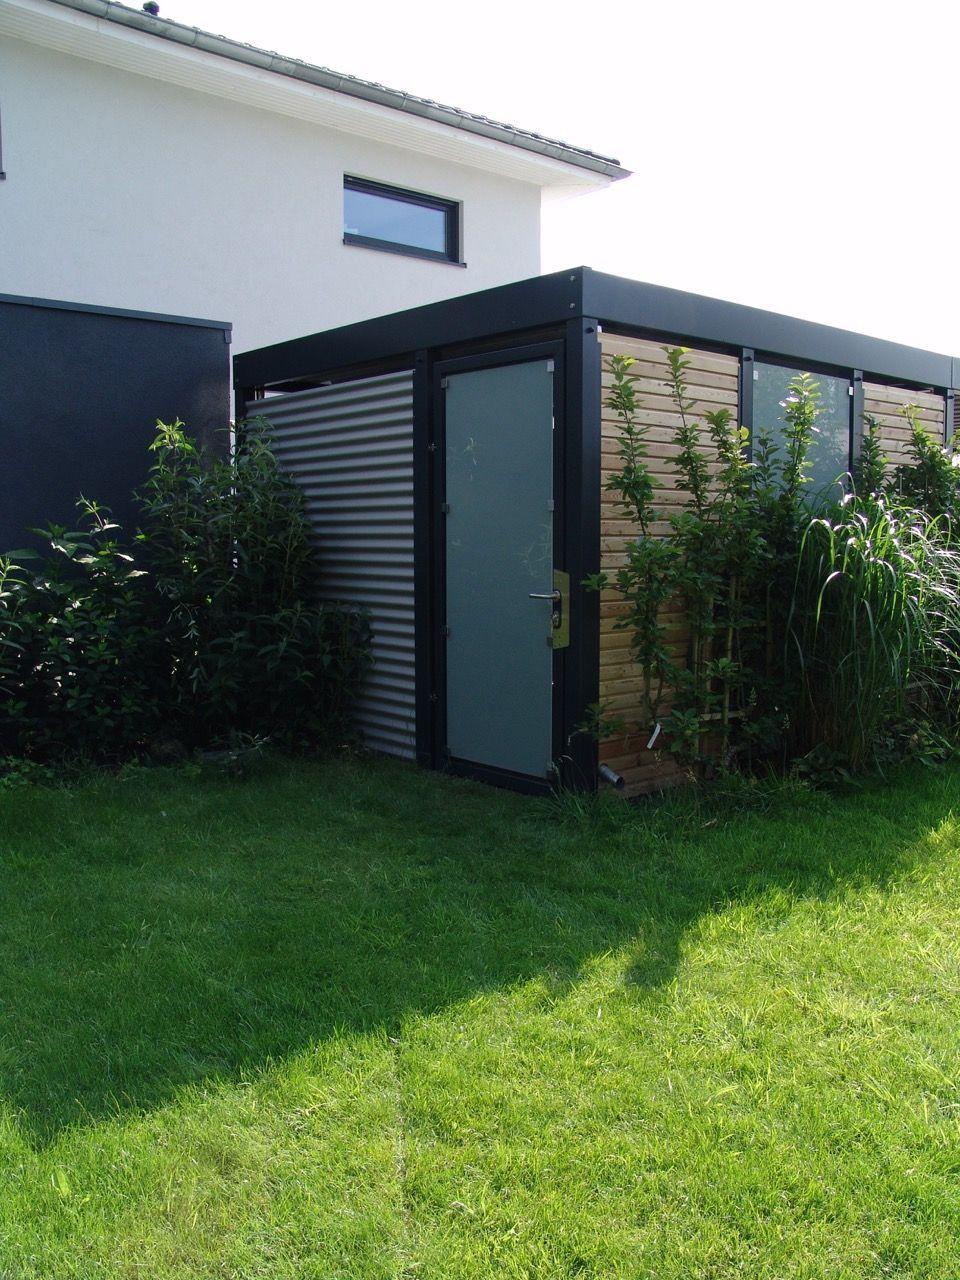 Gartenhaus Kunststoff Bauhaus